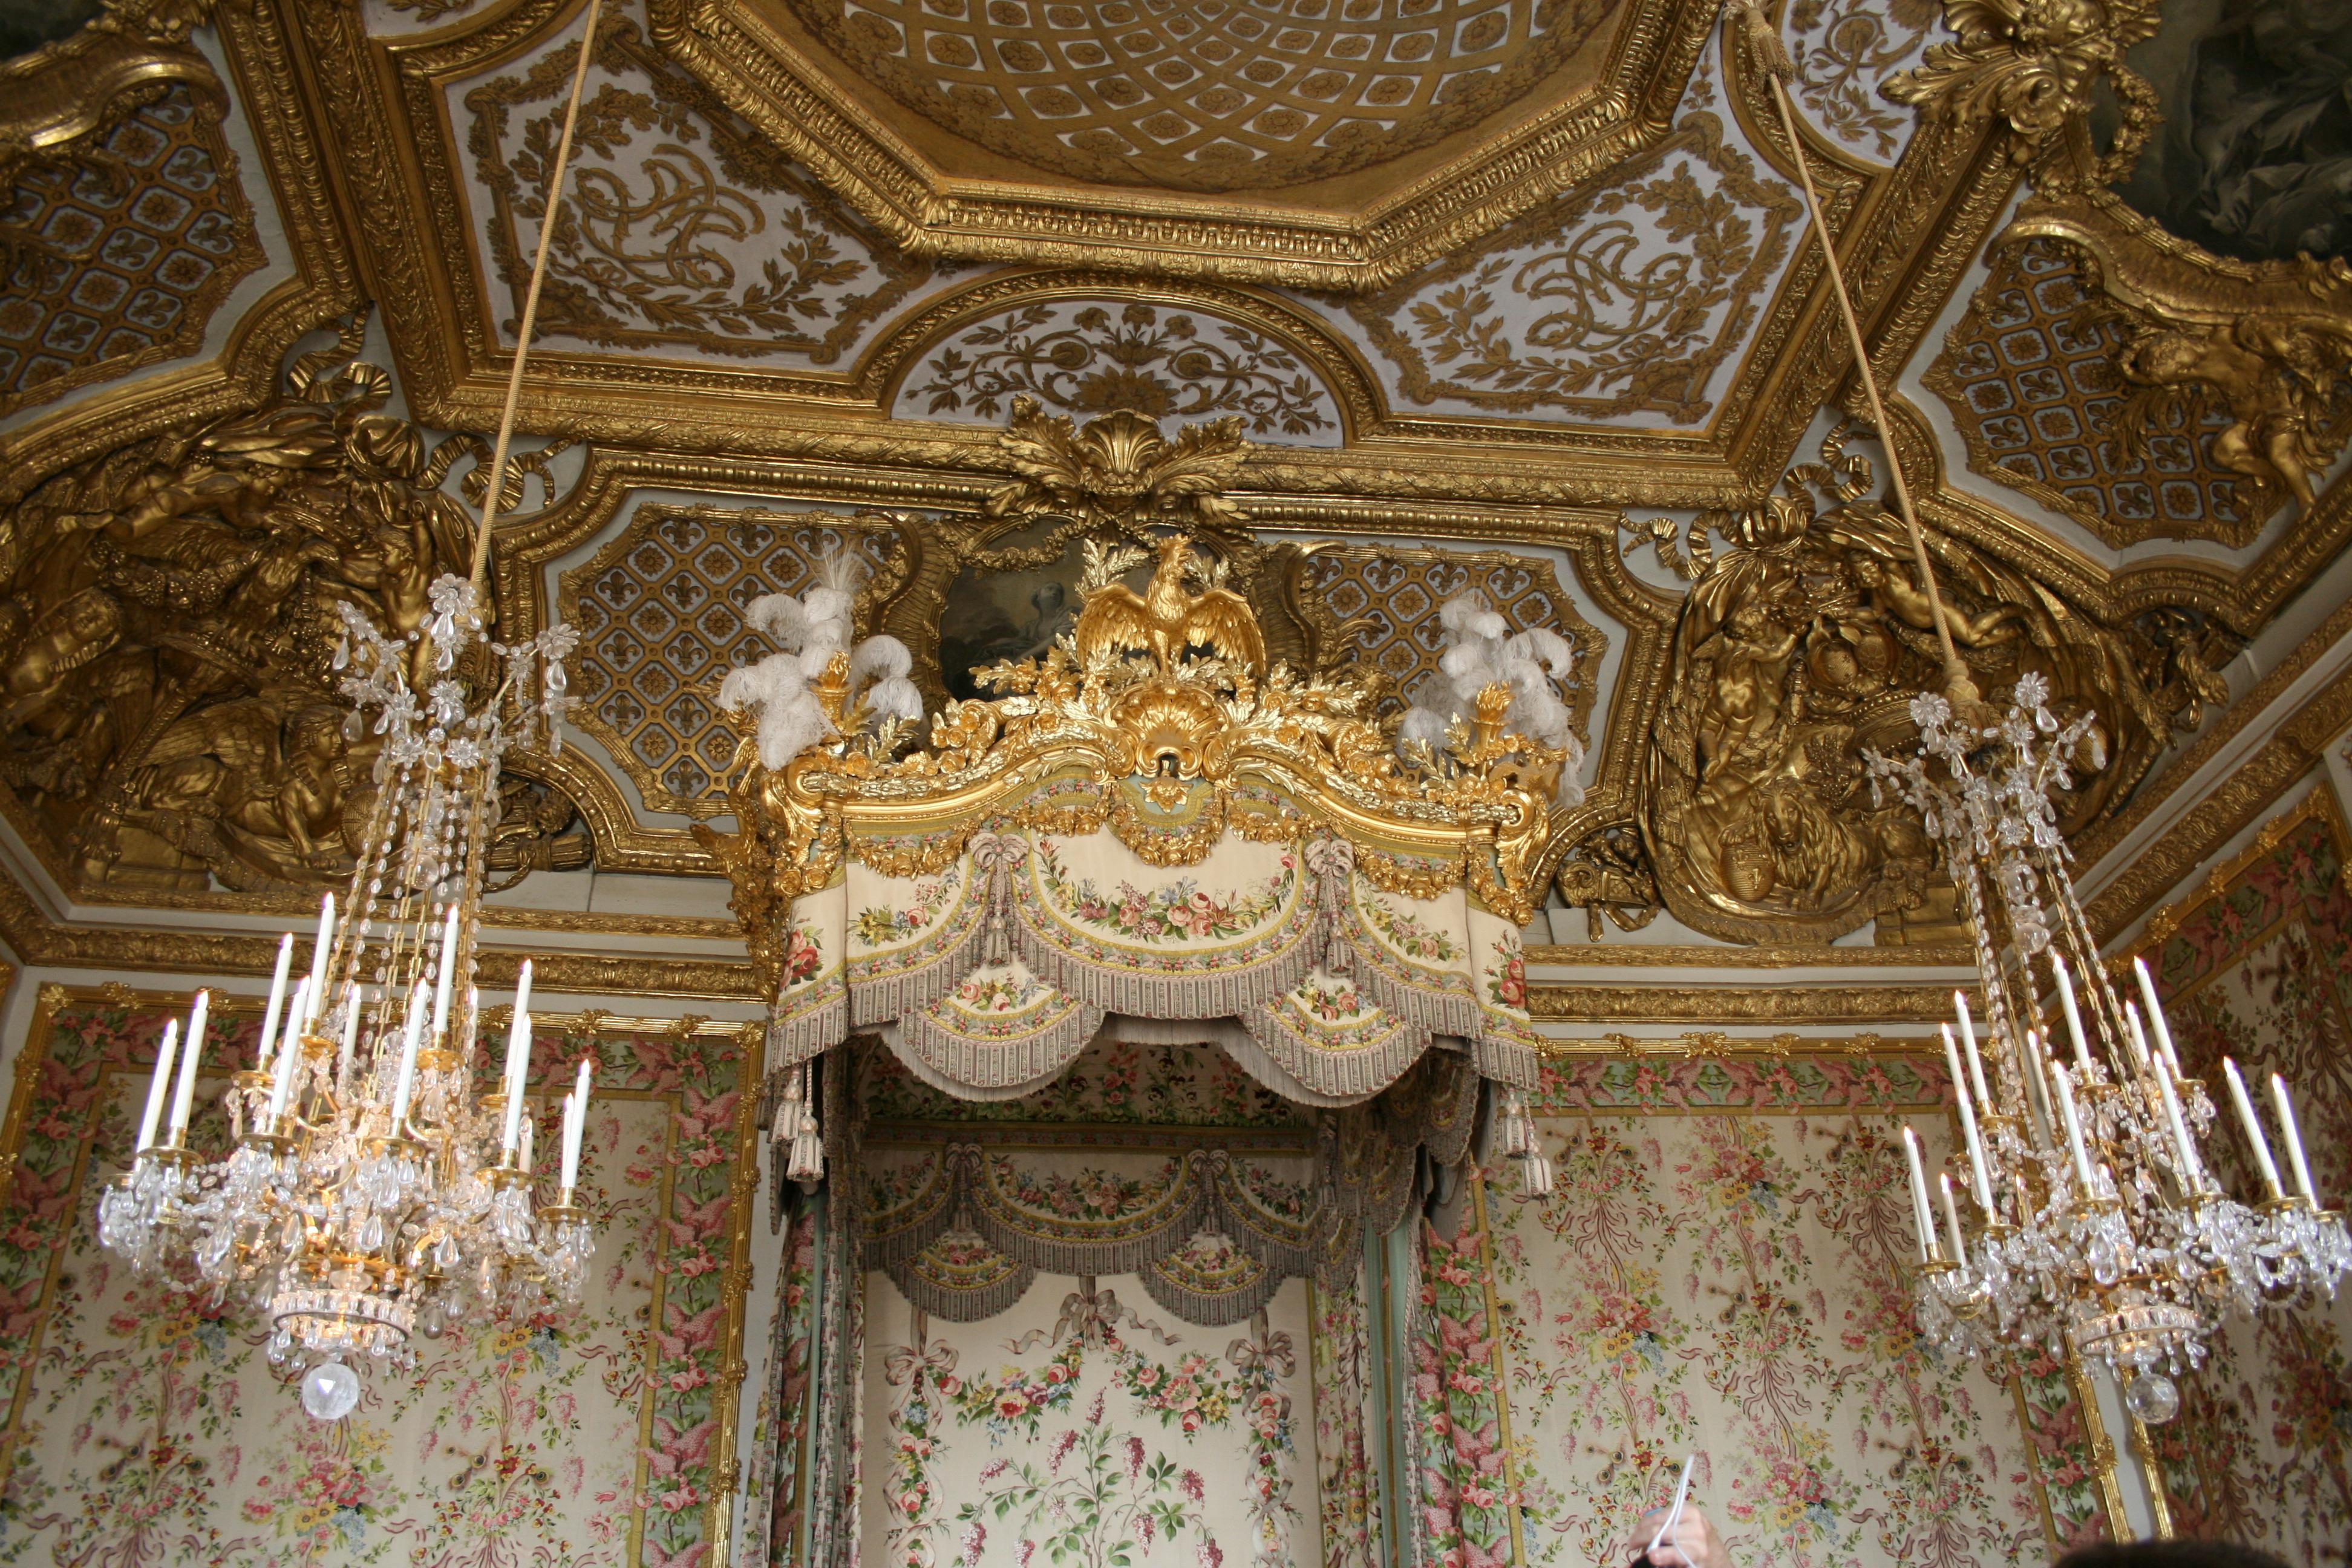 Queen Room, details